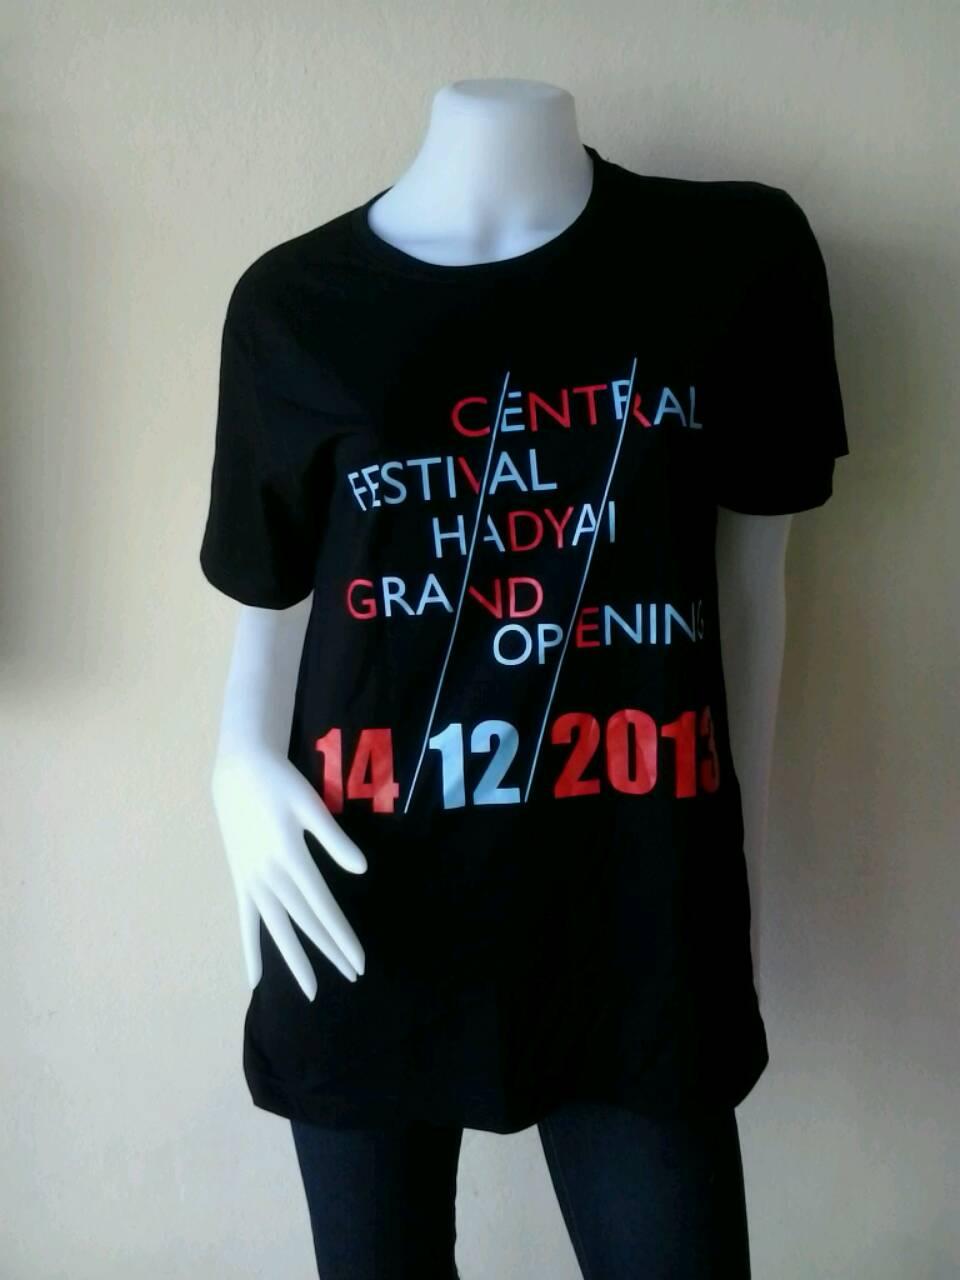 เสื้อคอกลม Central Festival Hadyai Grand Opening